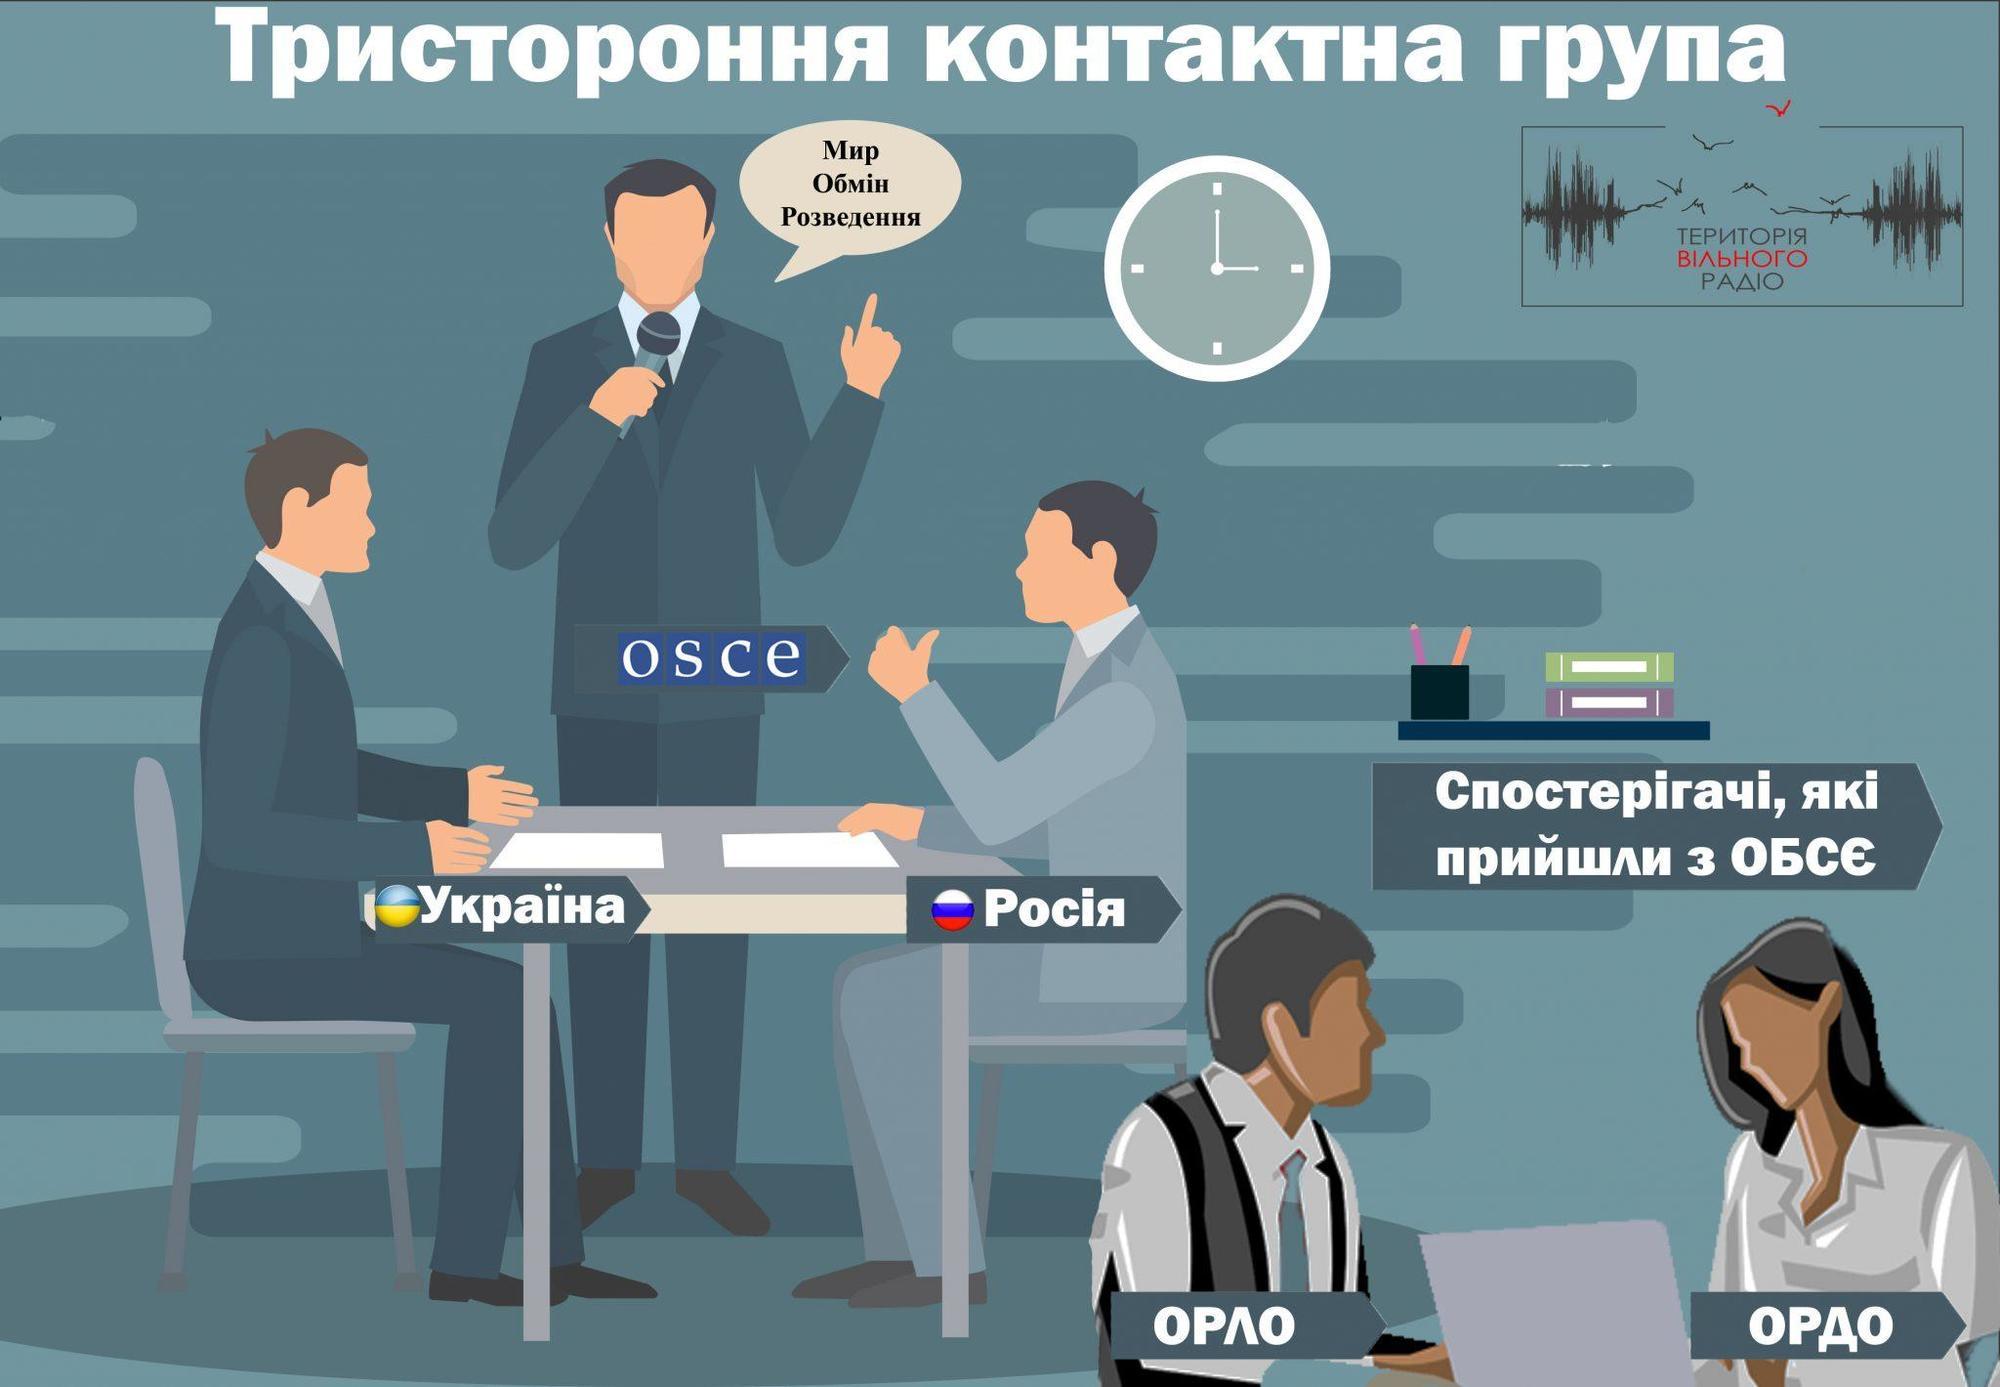 На следующем заседании ТКГ Украину будет представлять расширенная делегация